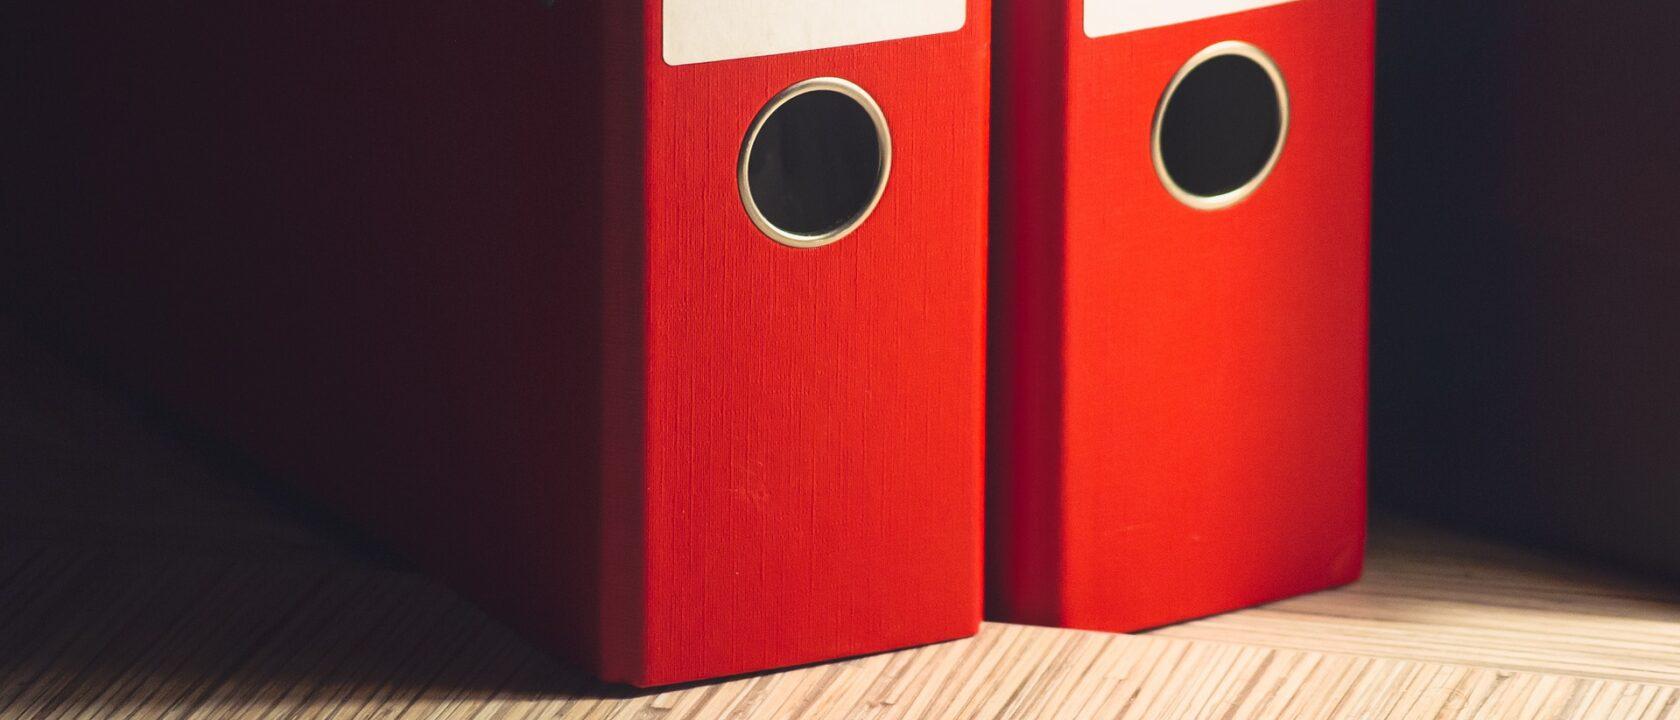 Bir masanın üzerinde iki adet kırmızı telli dosya duruyor.